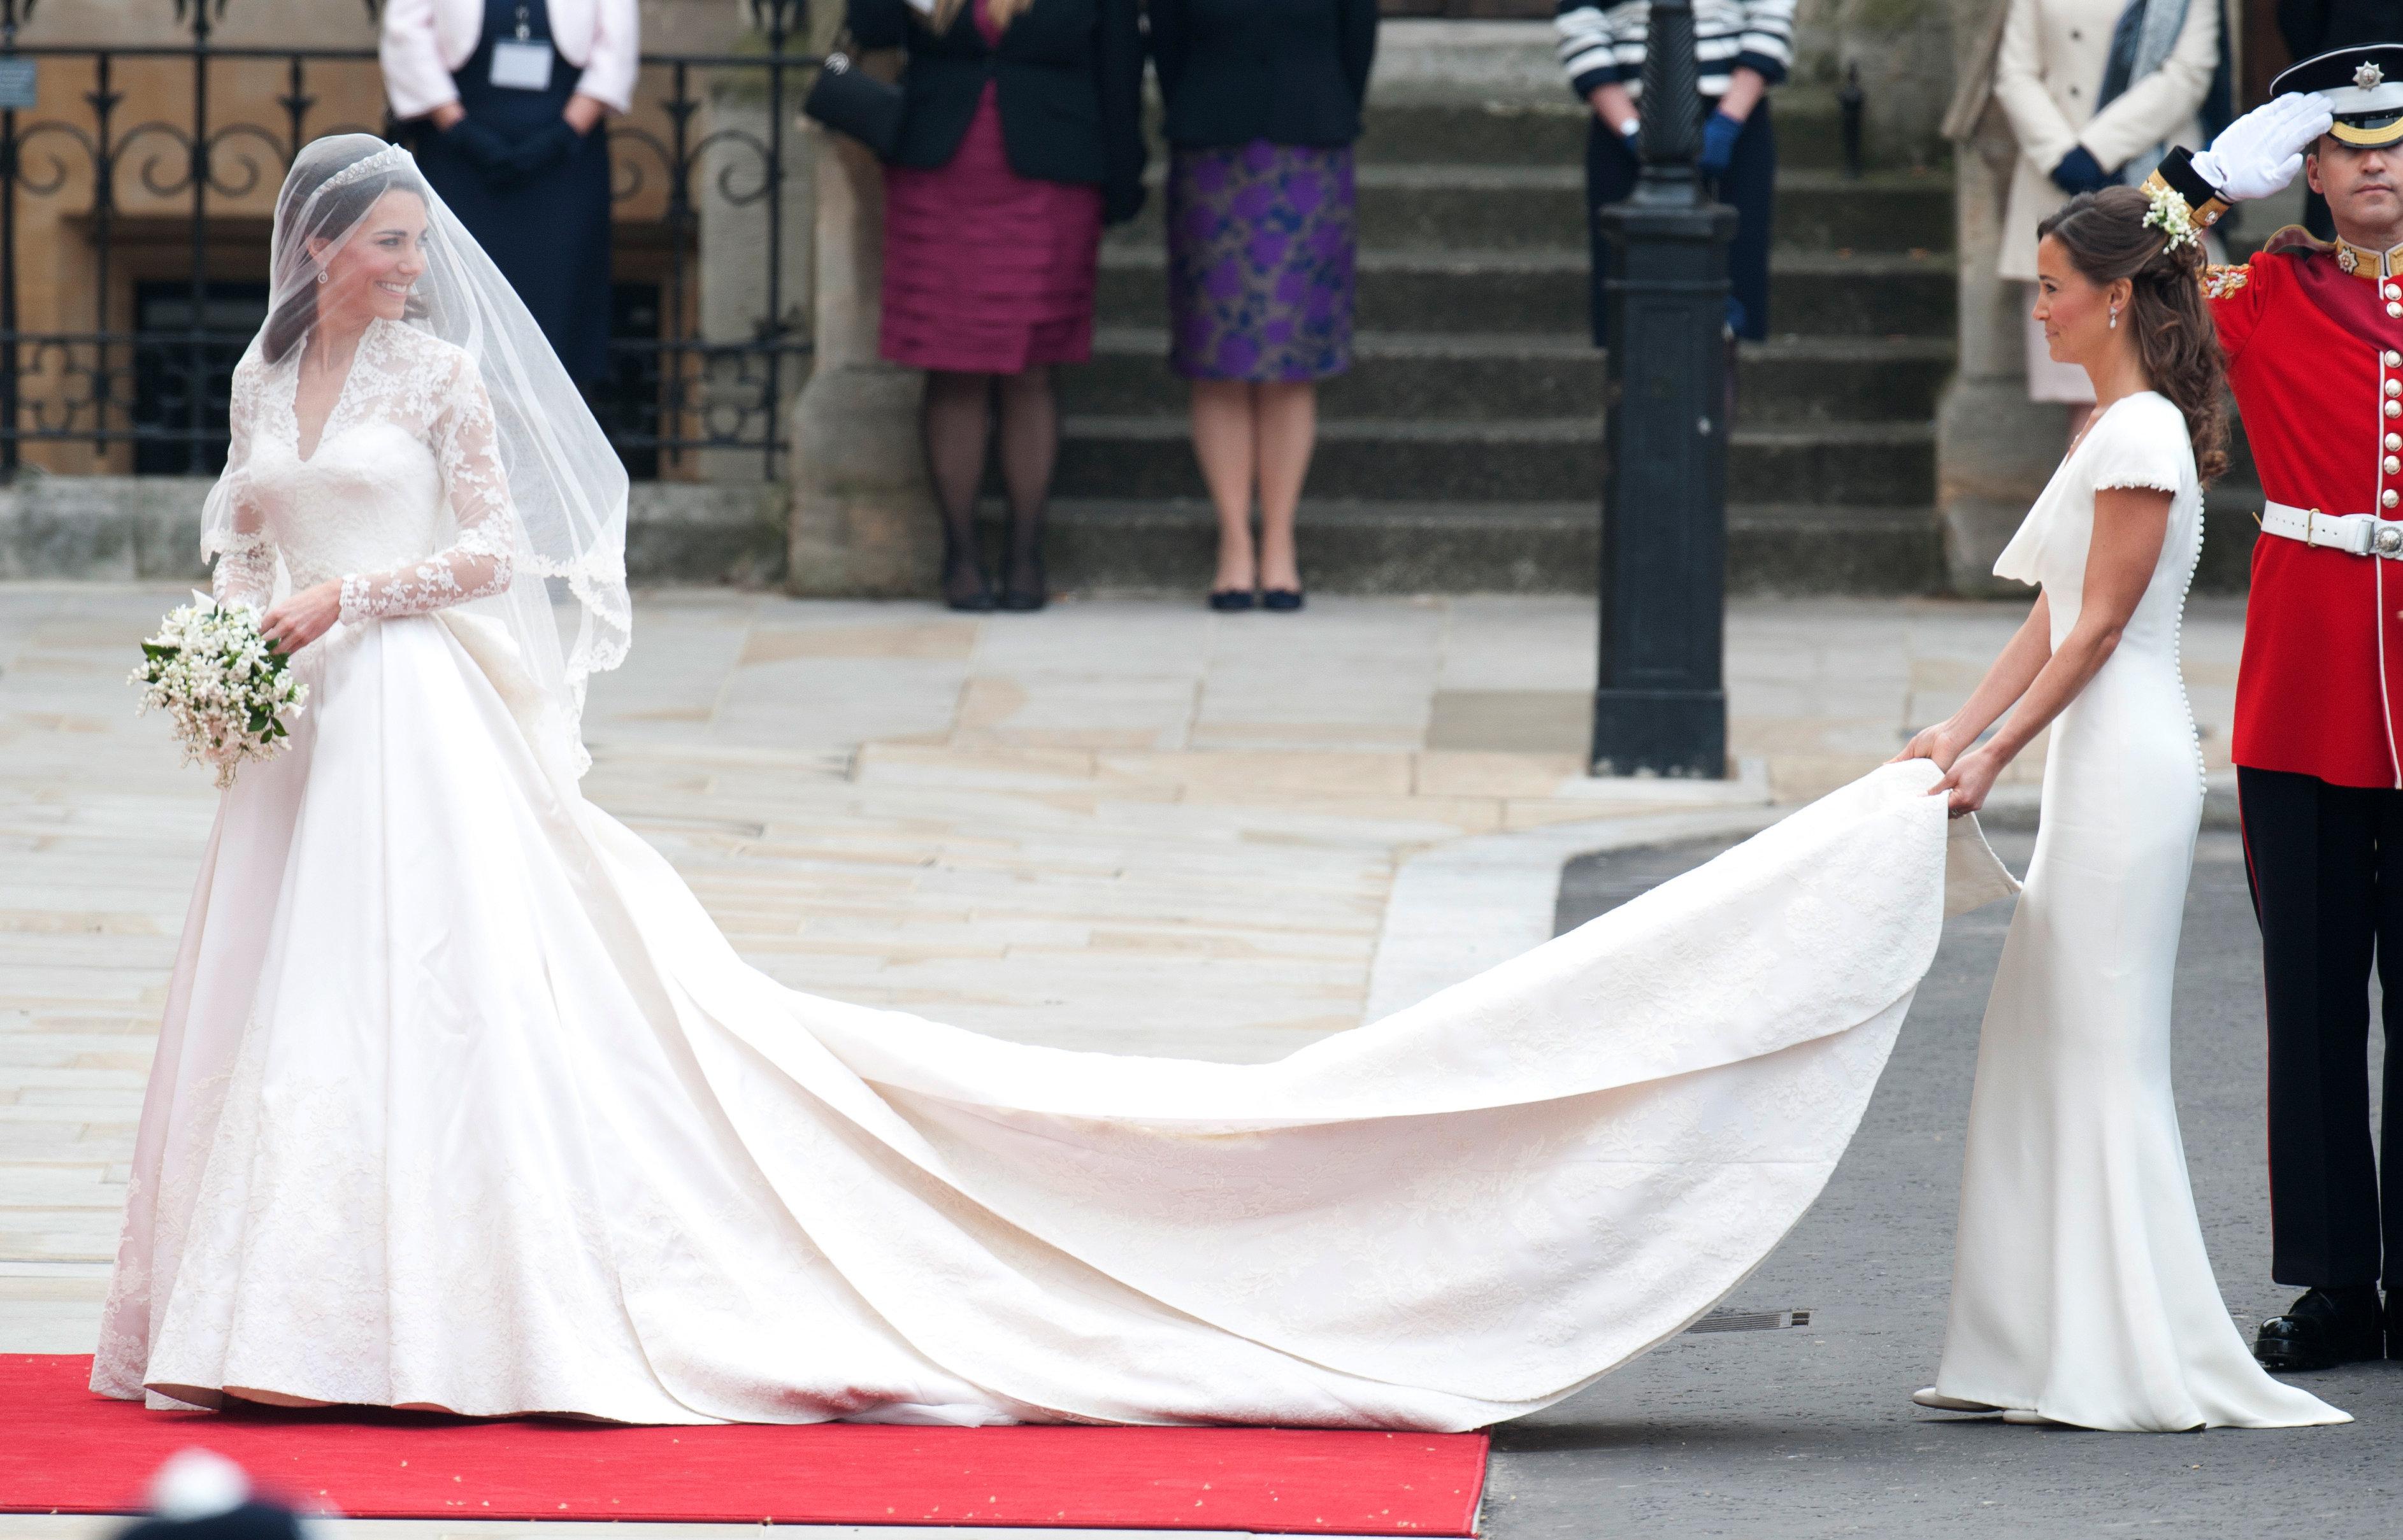 Pour la réception plus intime en soirée, Meghan Markle portera probablement  une robe différente qui sera «glamour» et «moins restrictive» afin qu\u0027elle